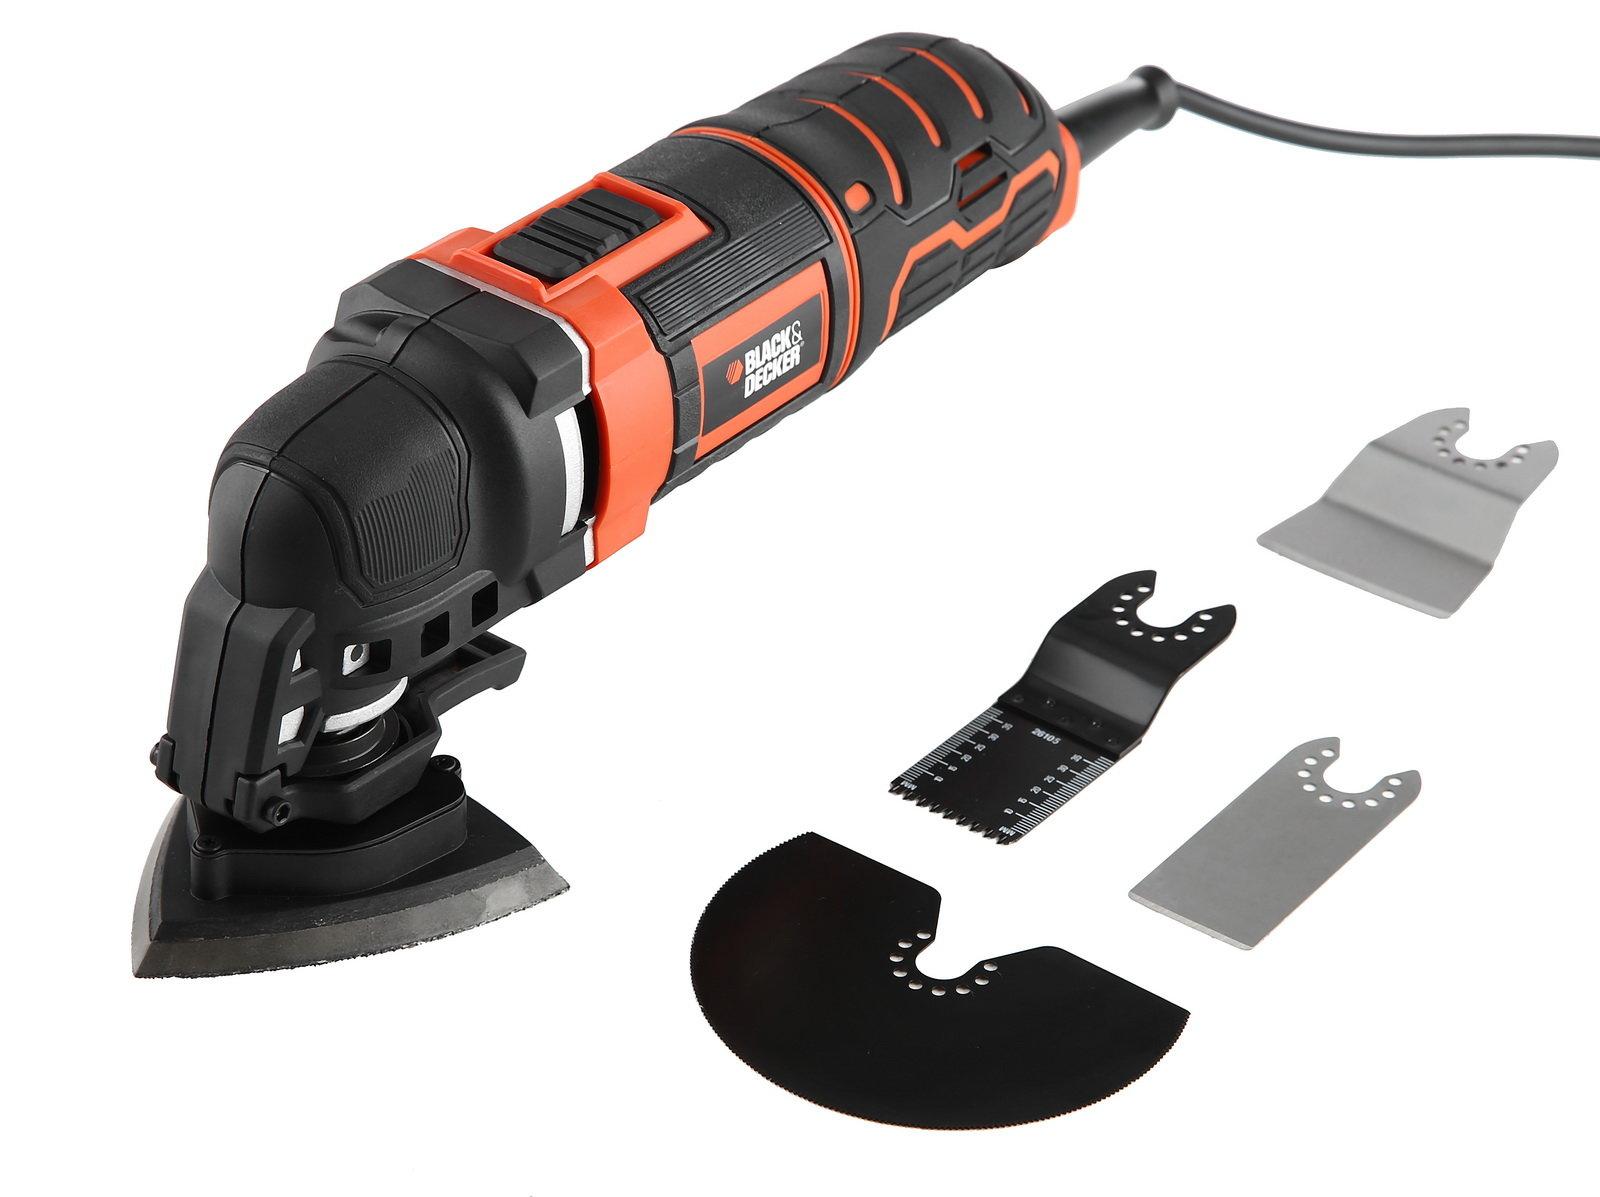 Многофункциональный инструмент Black & decker Mt300ka